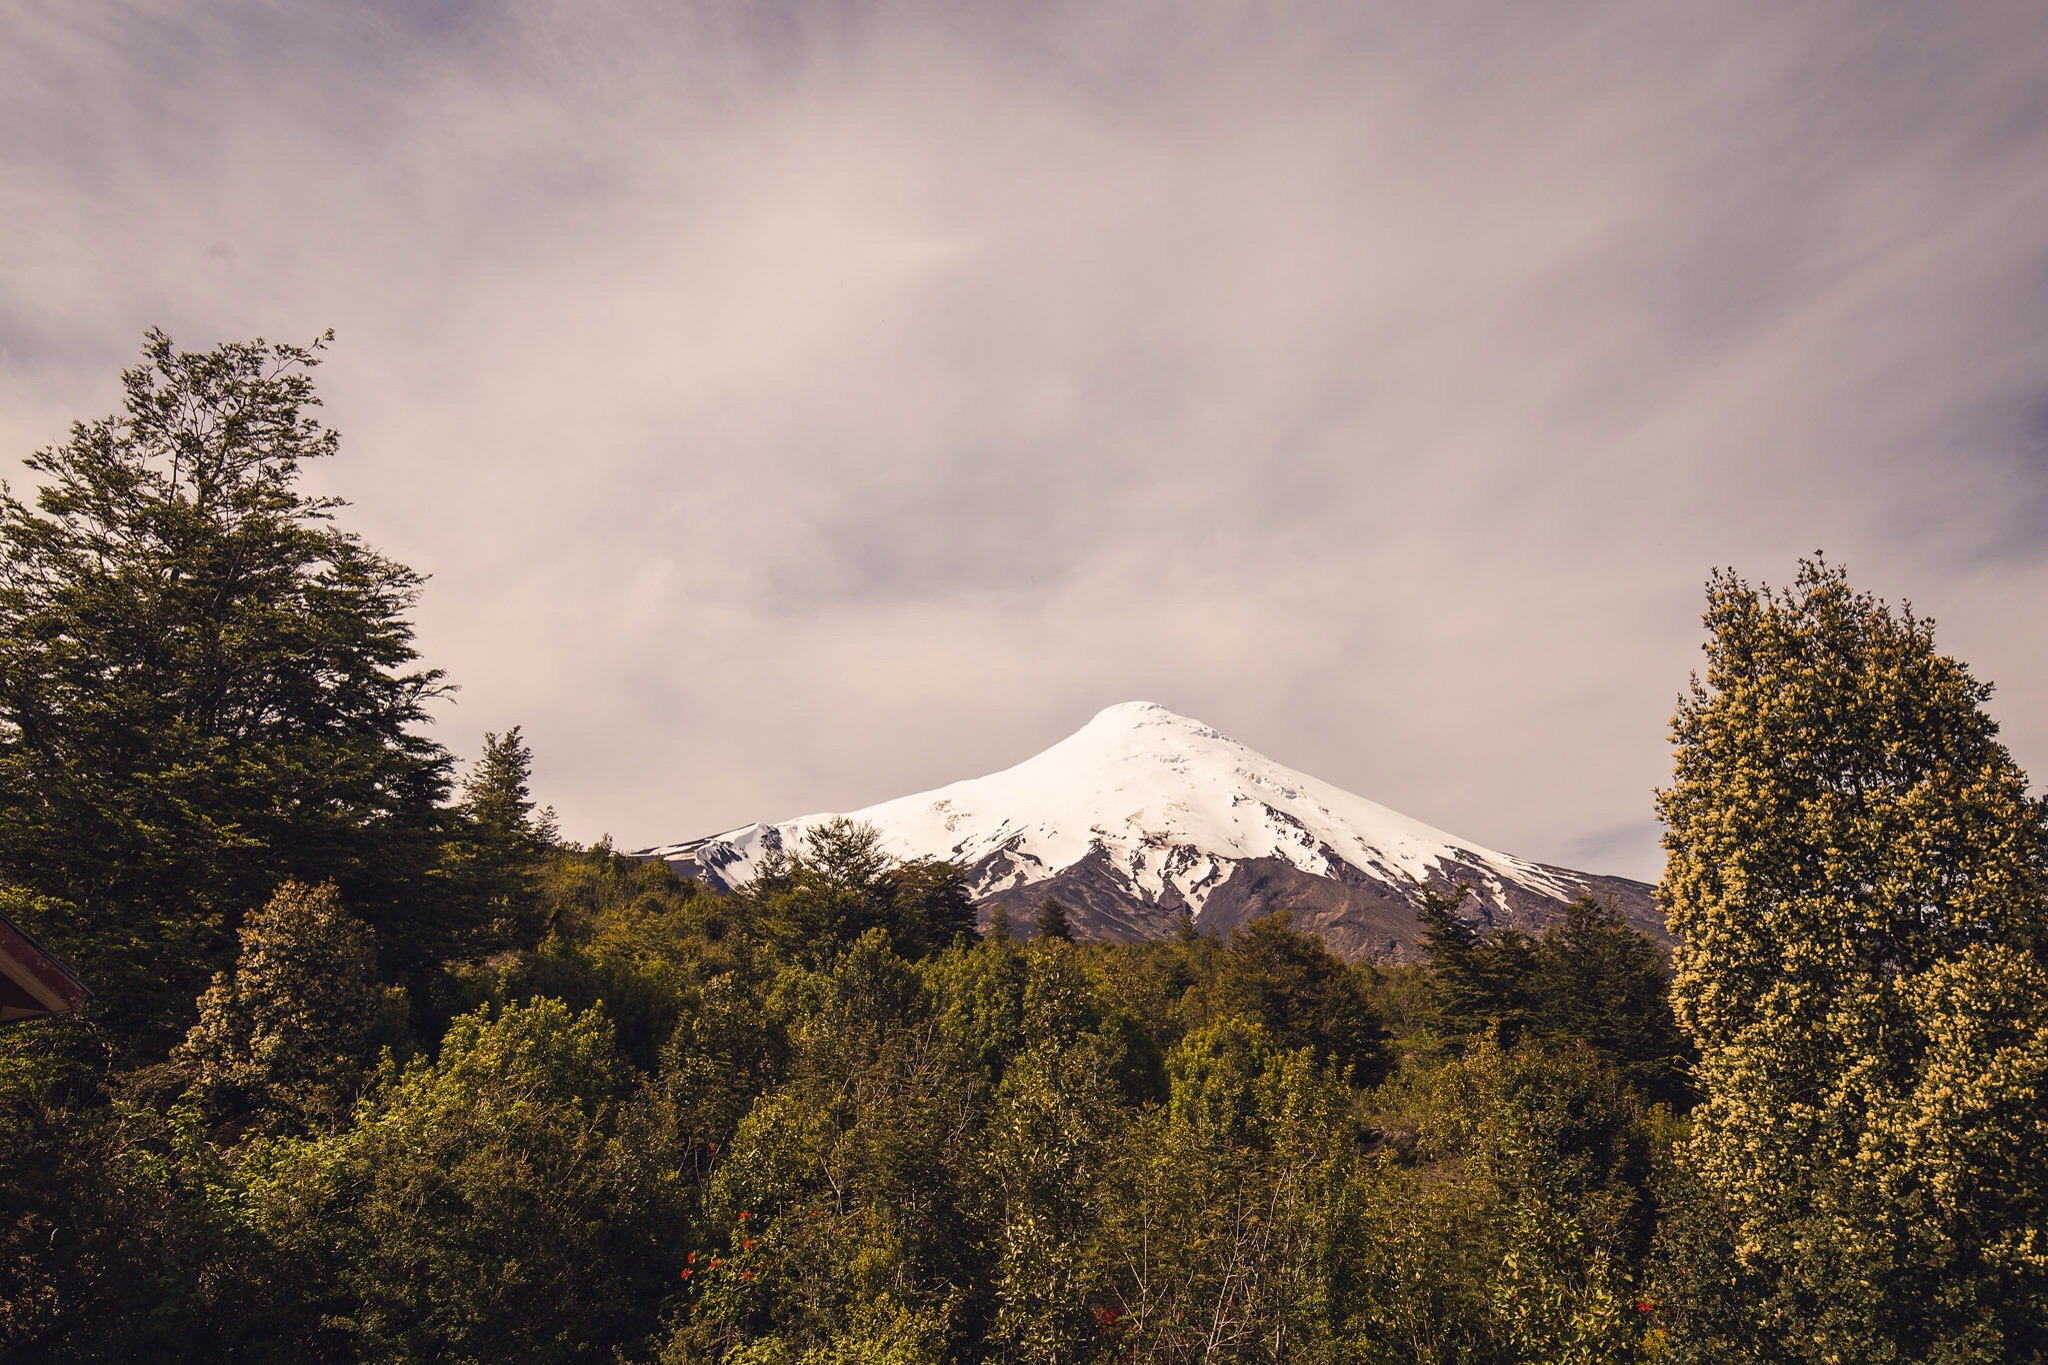 volcano-osorno-chile-view-mountain-2